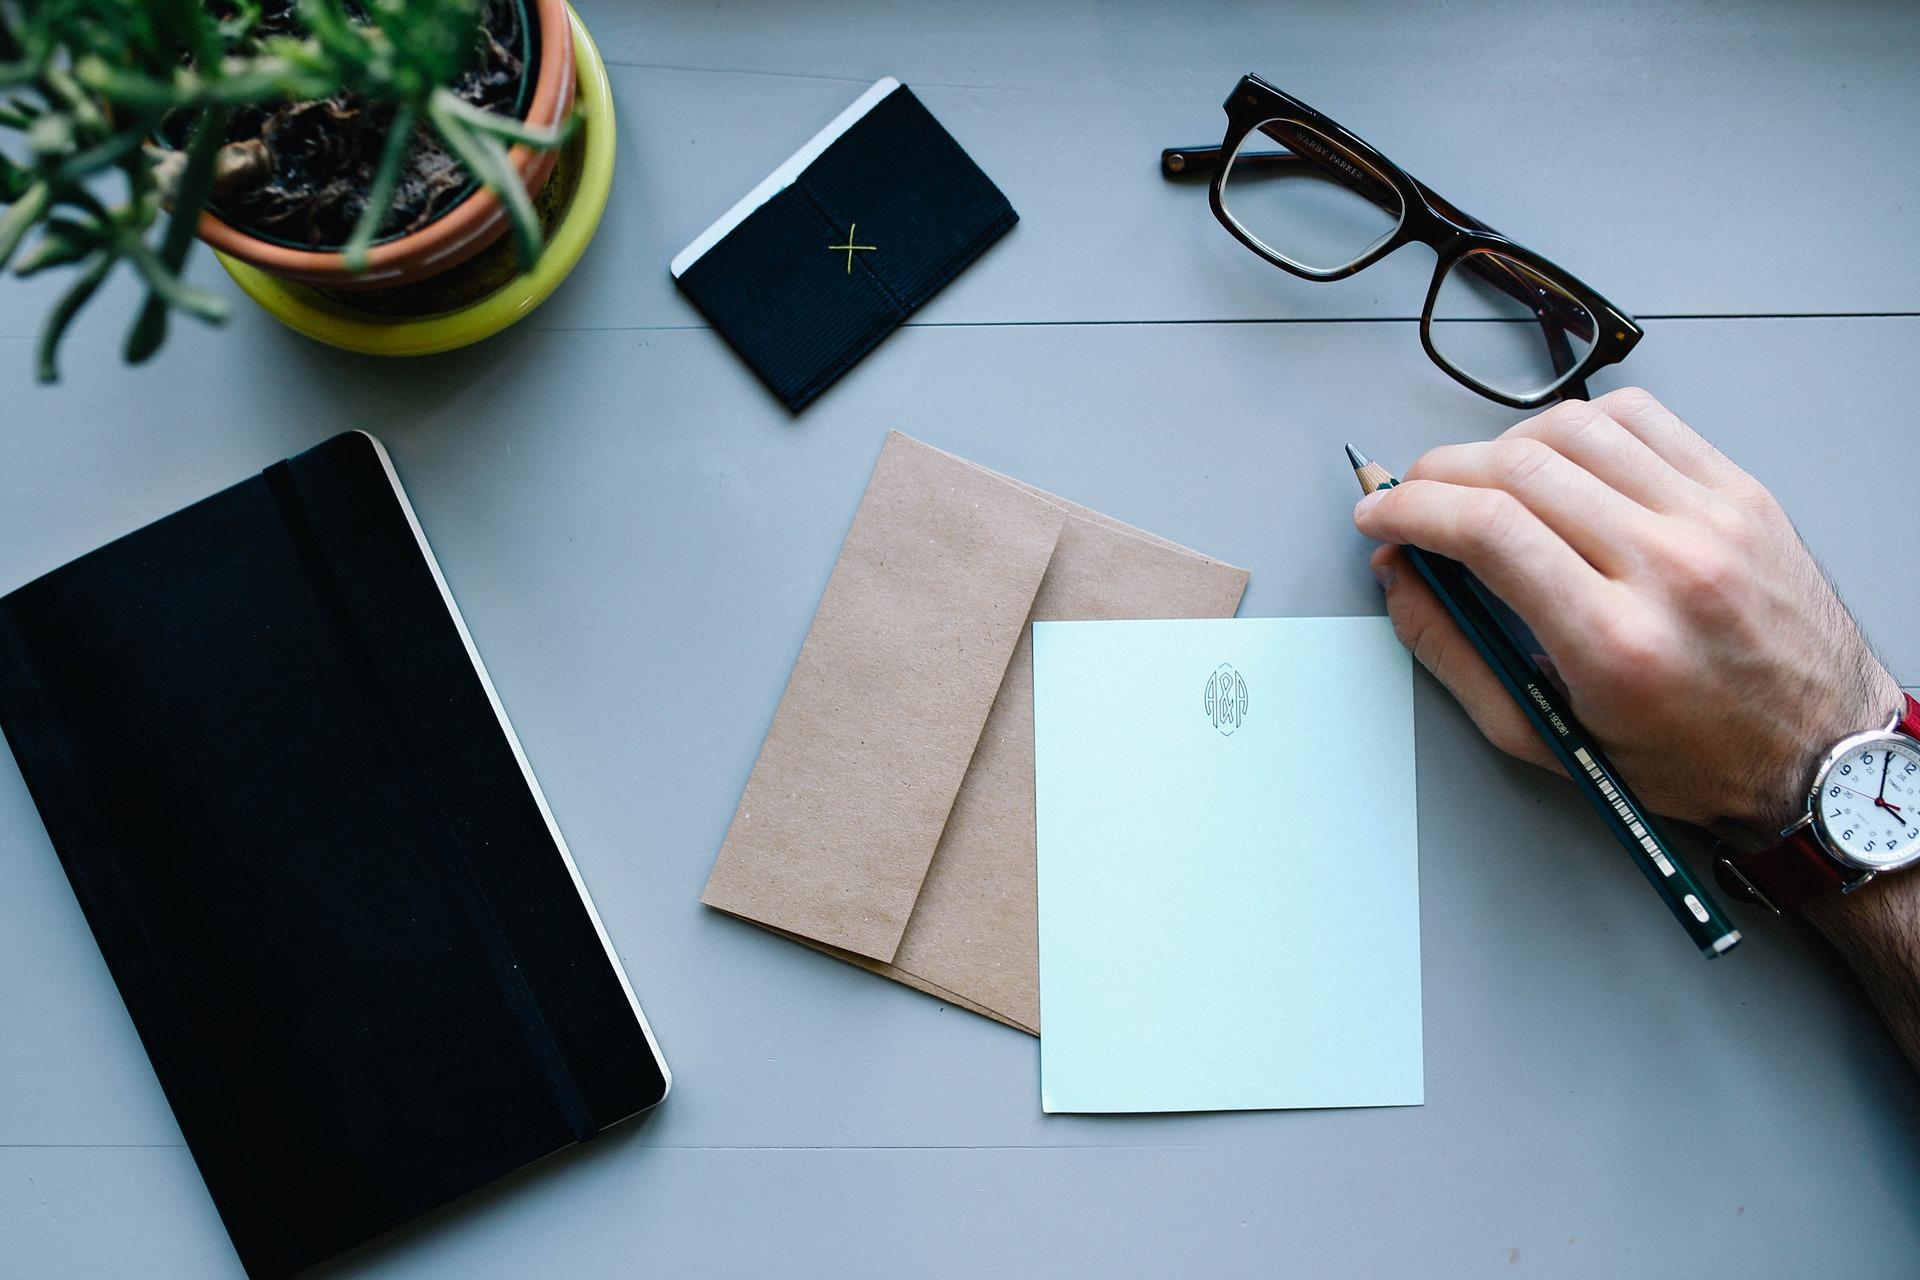 【志望動機の作り方】志望動機を書けない・作れない人へ